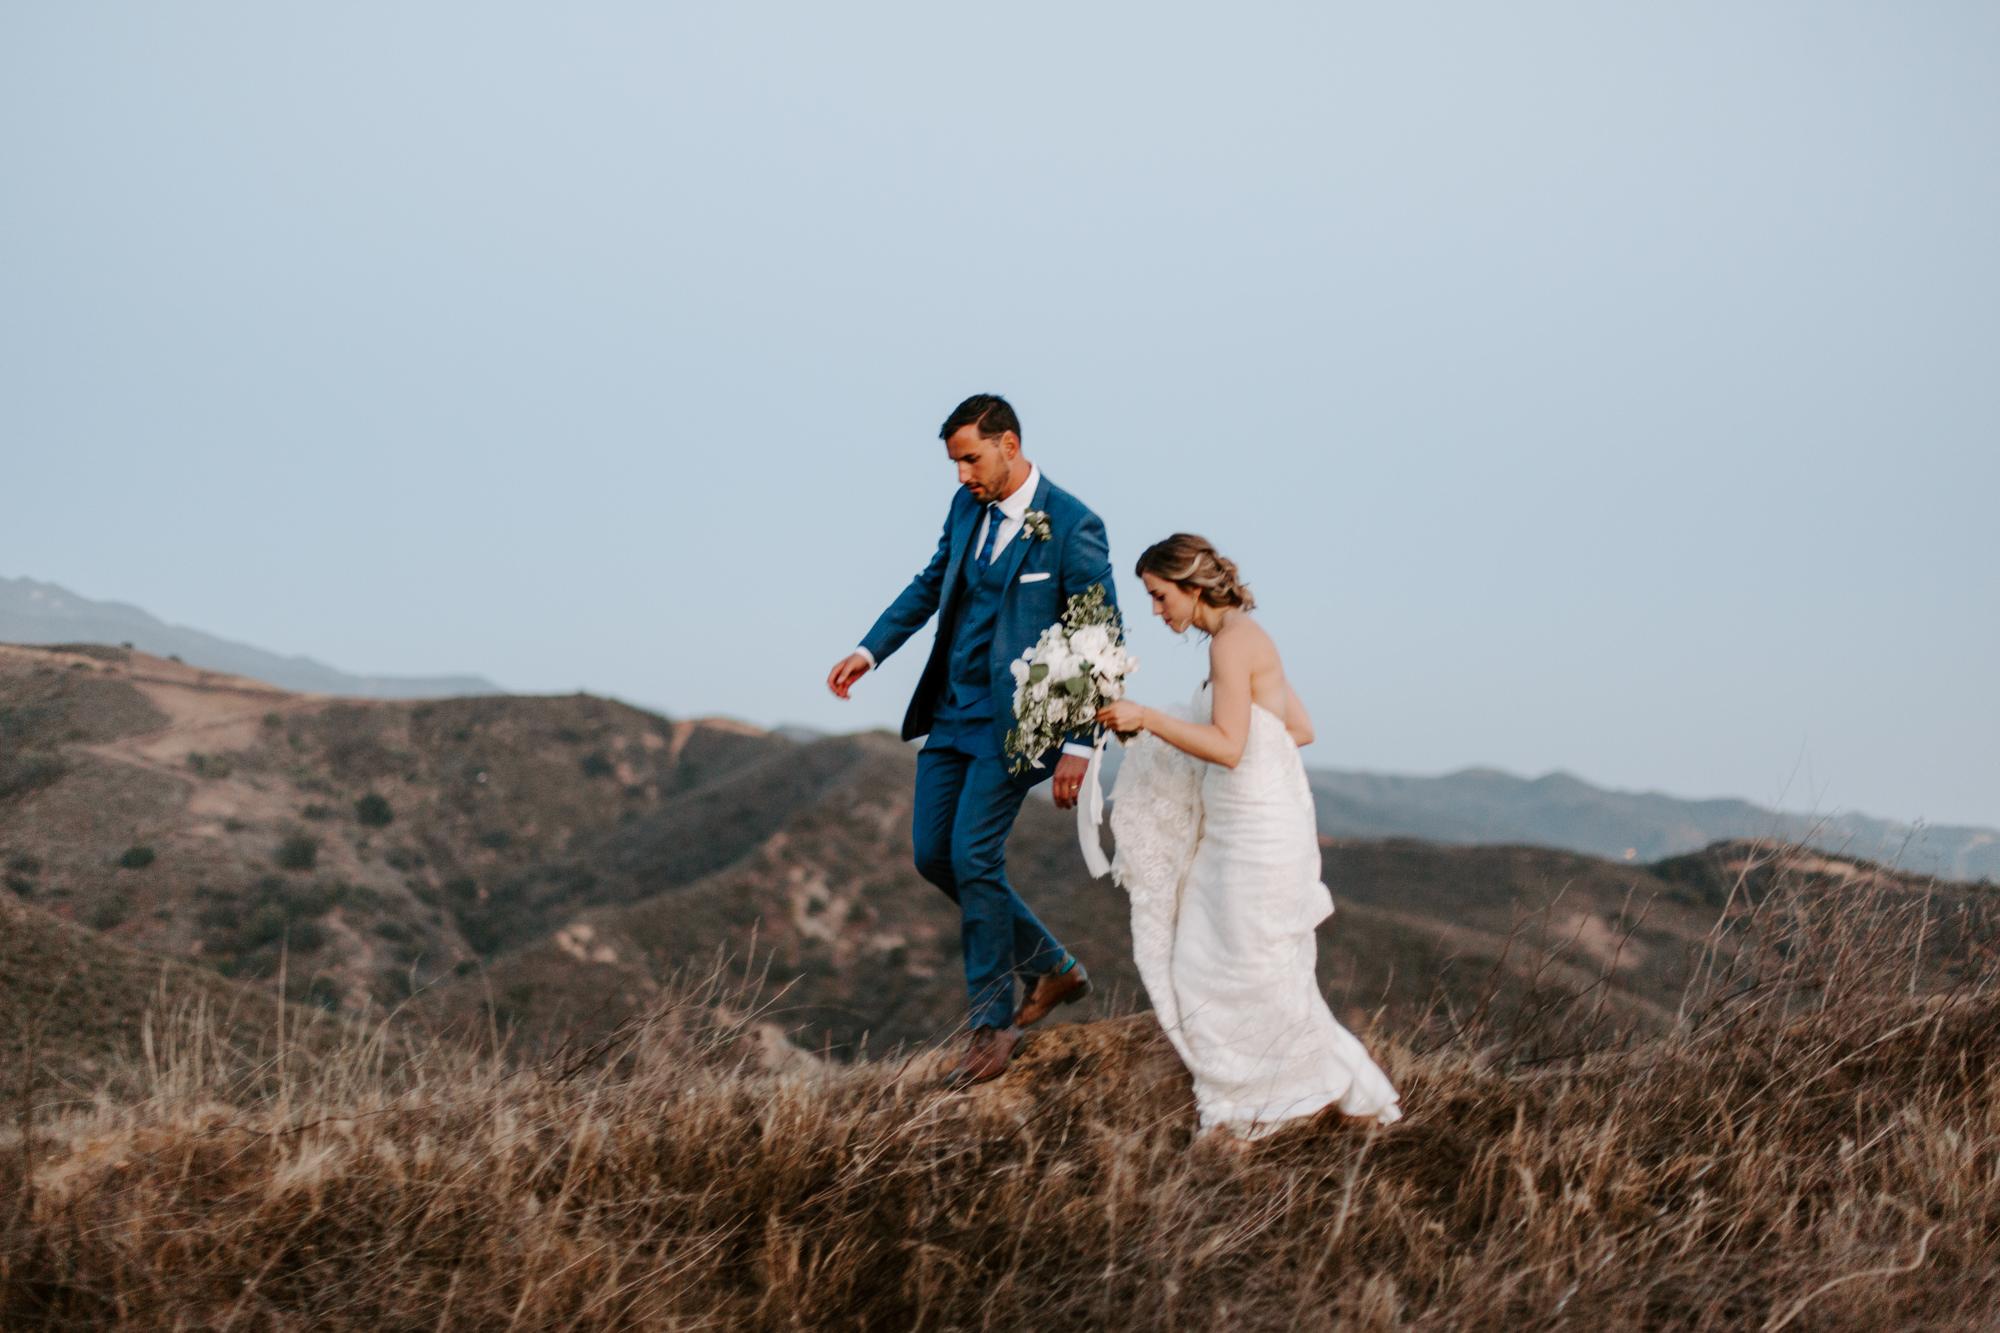 San Diego Wedding photography in Silverado Backyard Wedding085.jpg